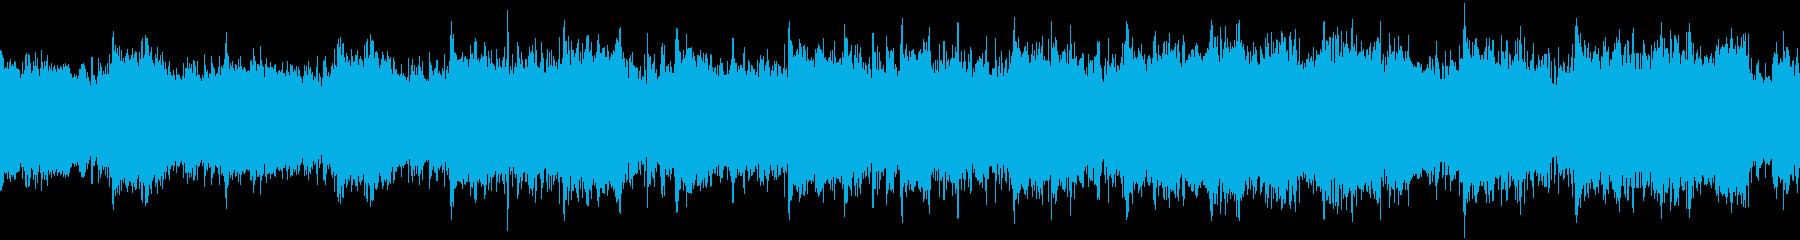 荘厳 城 RPG風 ループの再生済みの波形